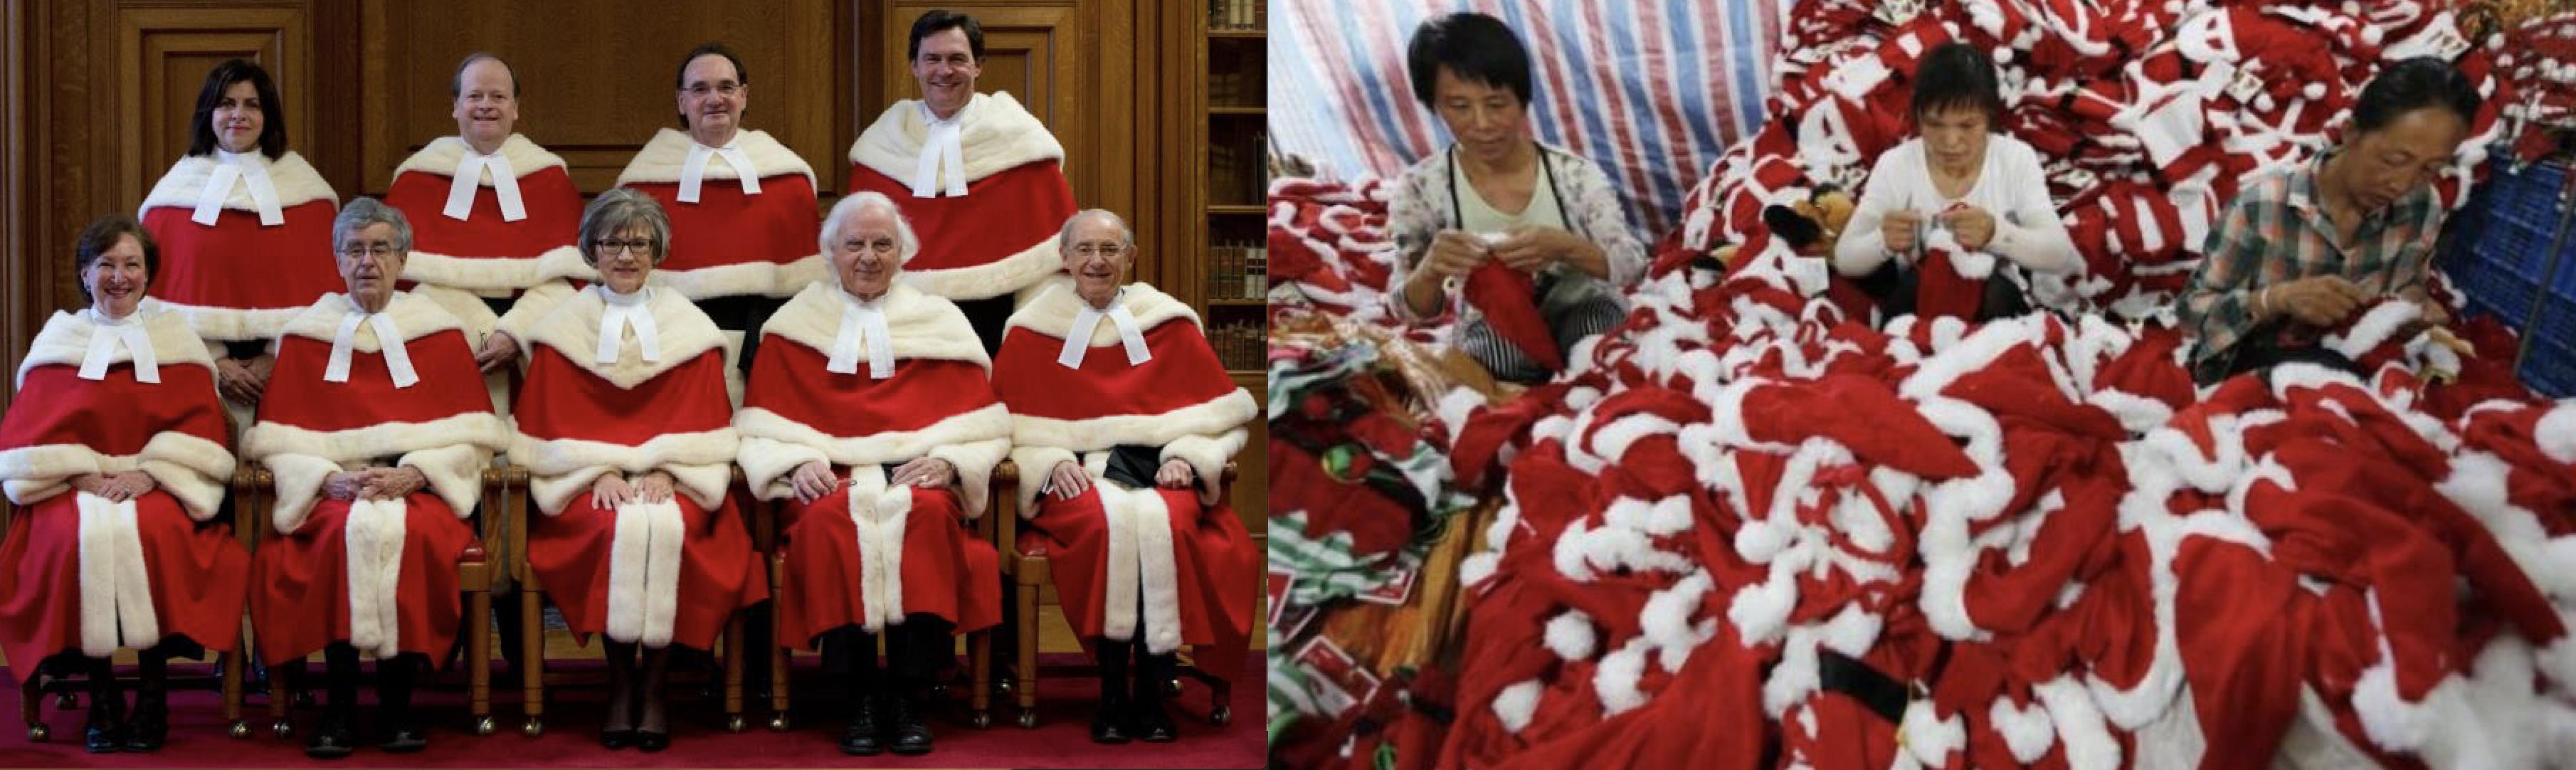 Cour et pères Noël